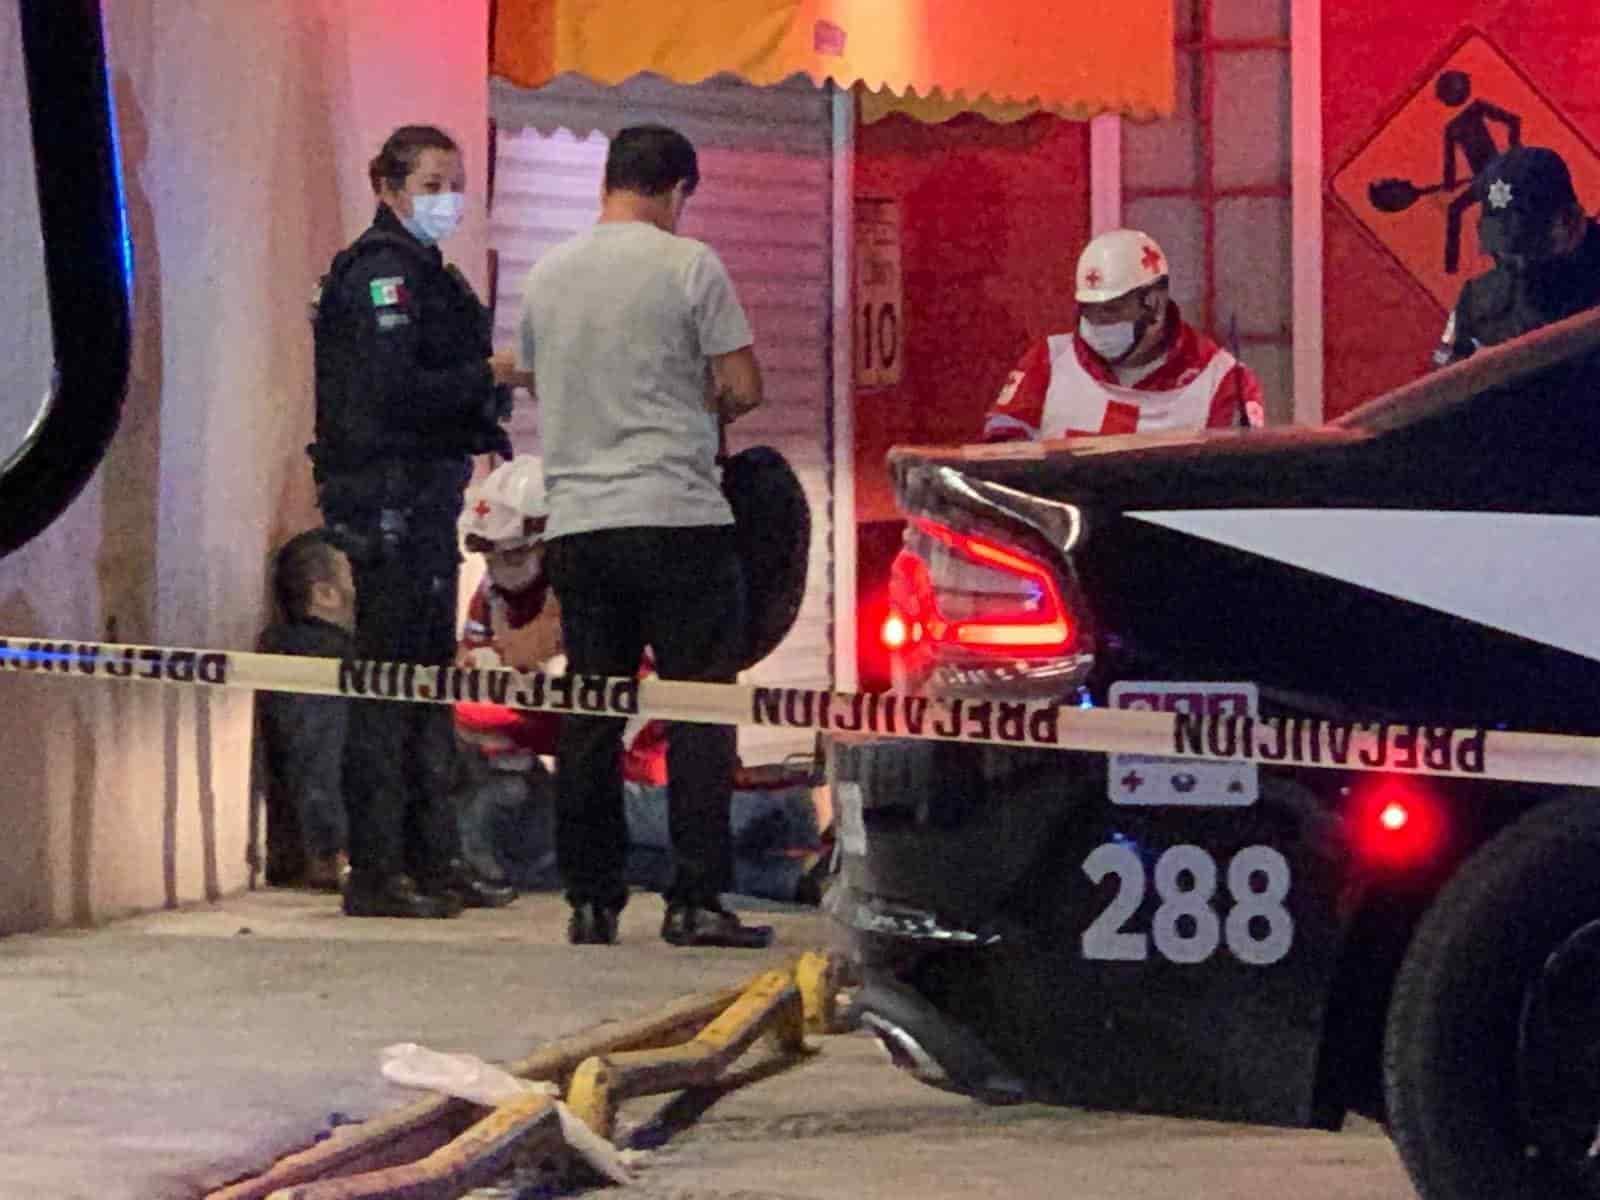 Con un balazo en la cara resultó el gerente de un bar, luego de ser baleado desde un auto en marcha